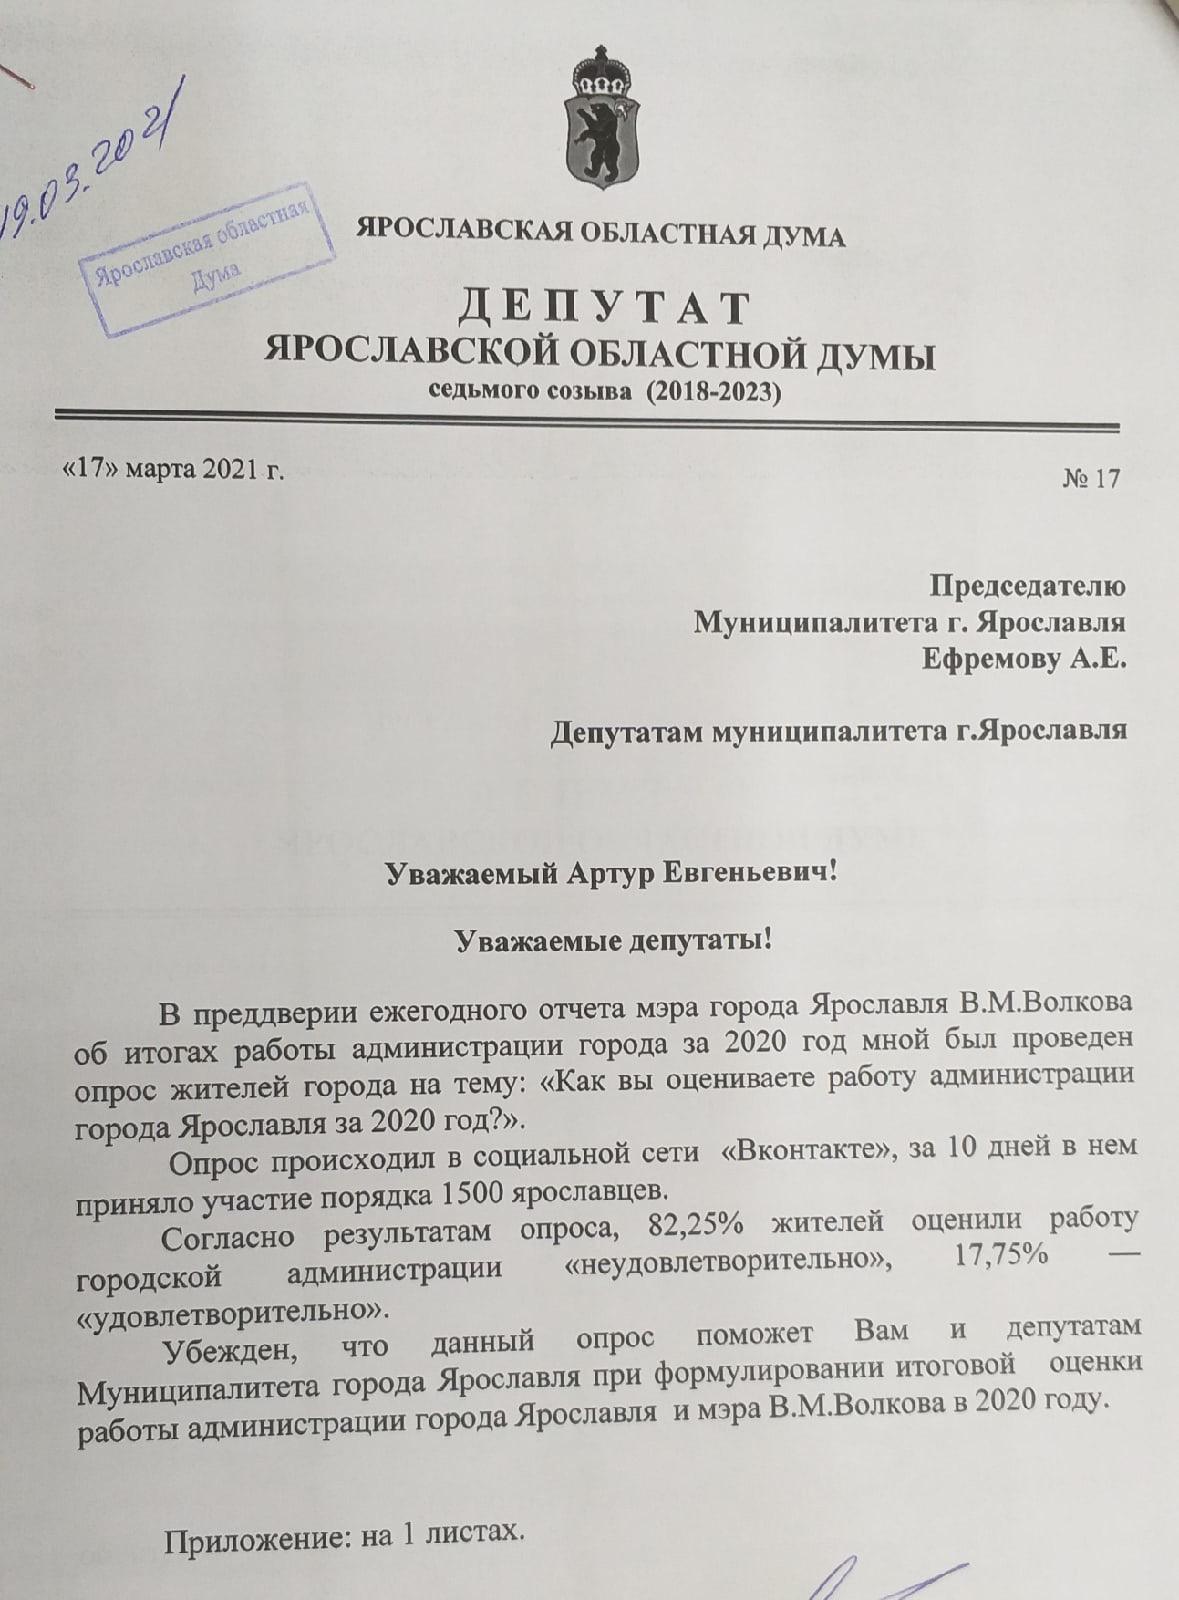 Эльхан Мардалиев направил результаты социального опроса в муниципалитет Ярославля